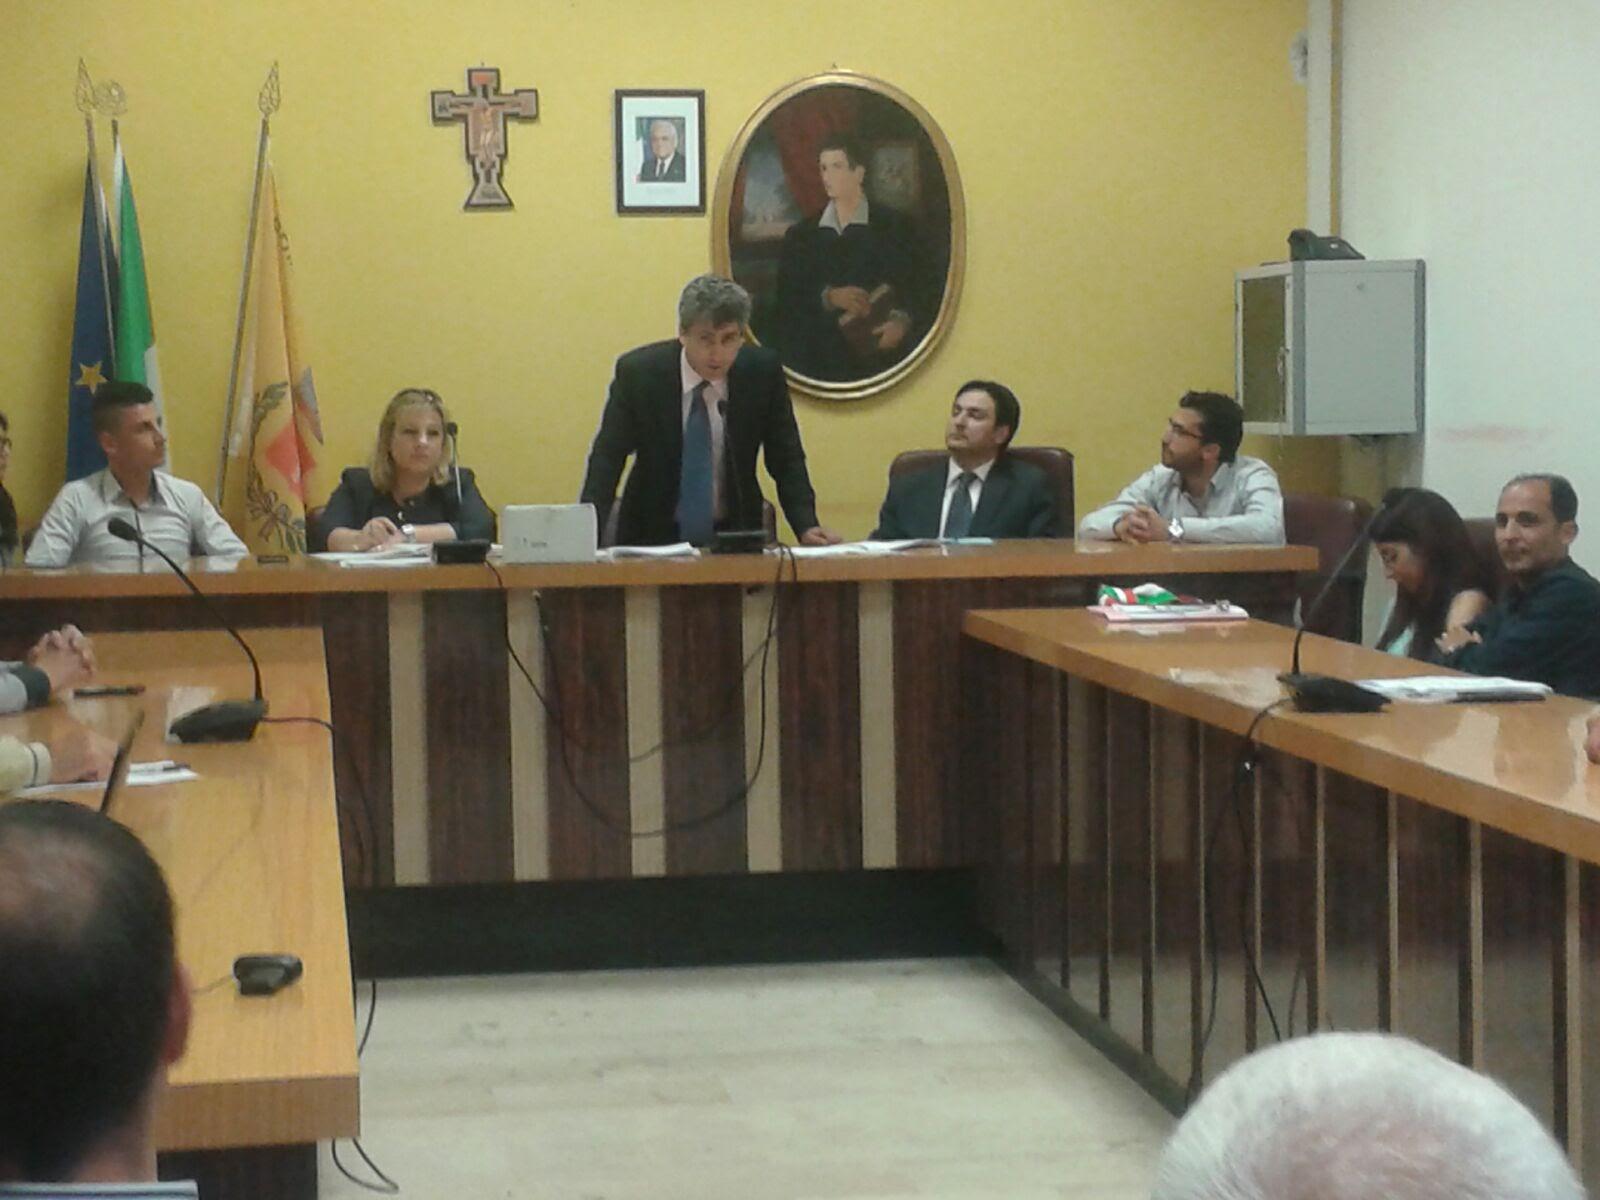 Presidente del Consiglio a Sant'Onofrio